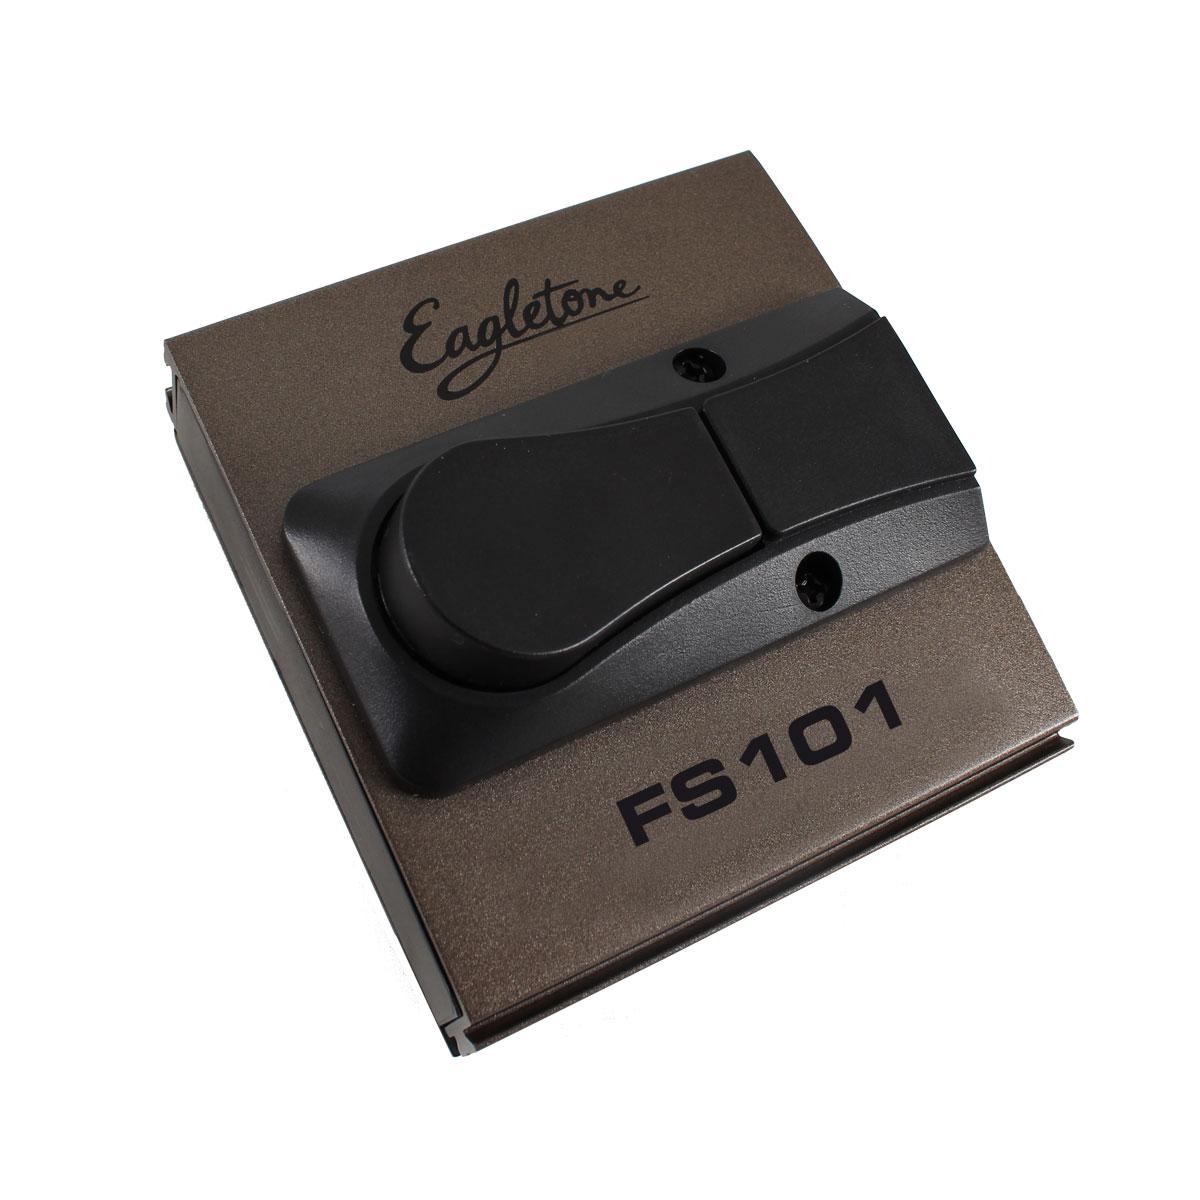 Eagletone Fs101